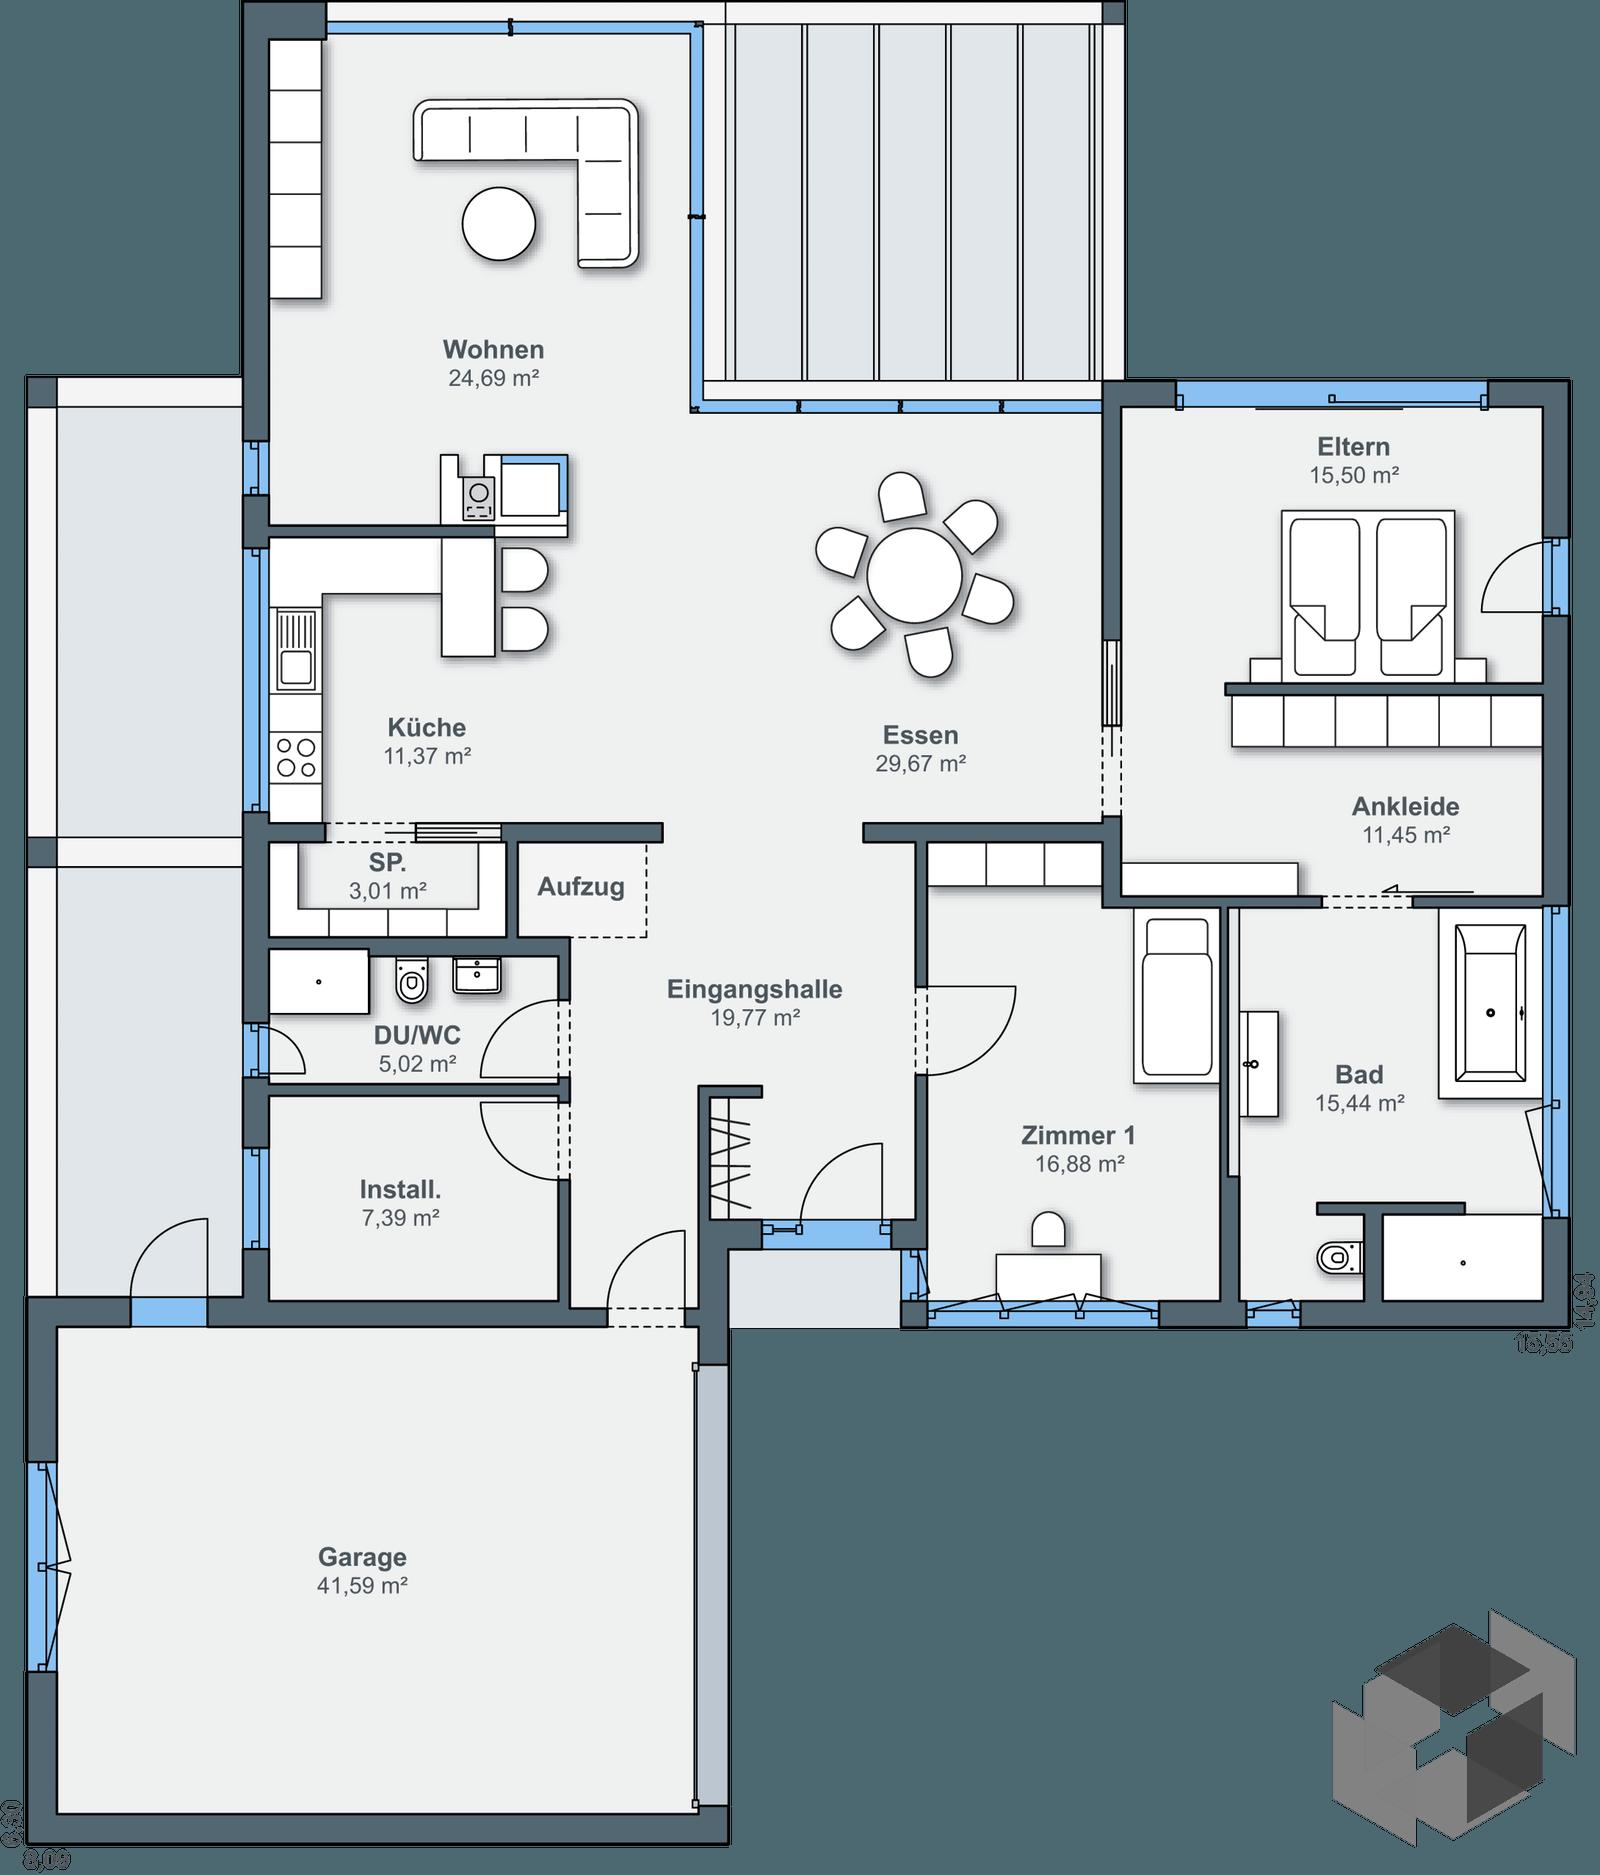 Ausstellungshaus mannheim bungalow von weberhaus for Floor plans for 160 000